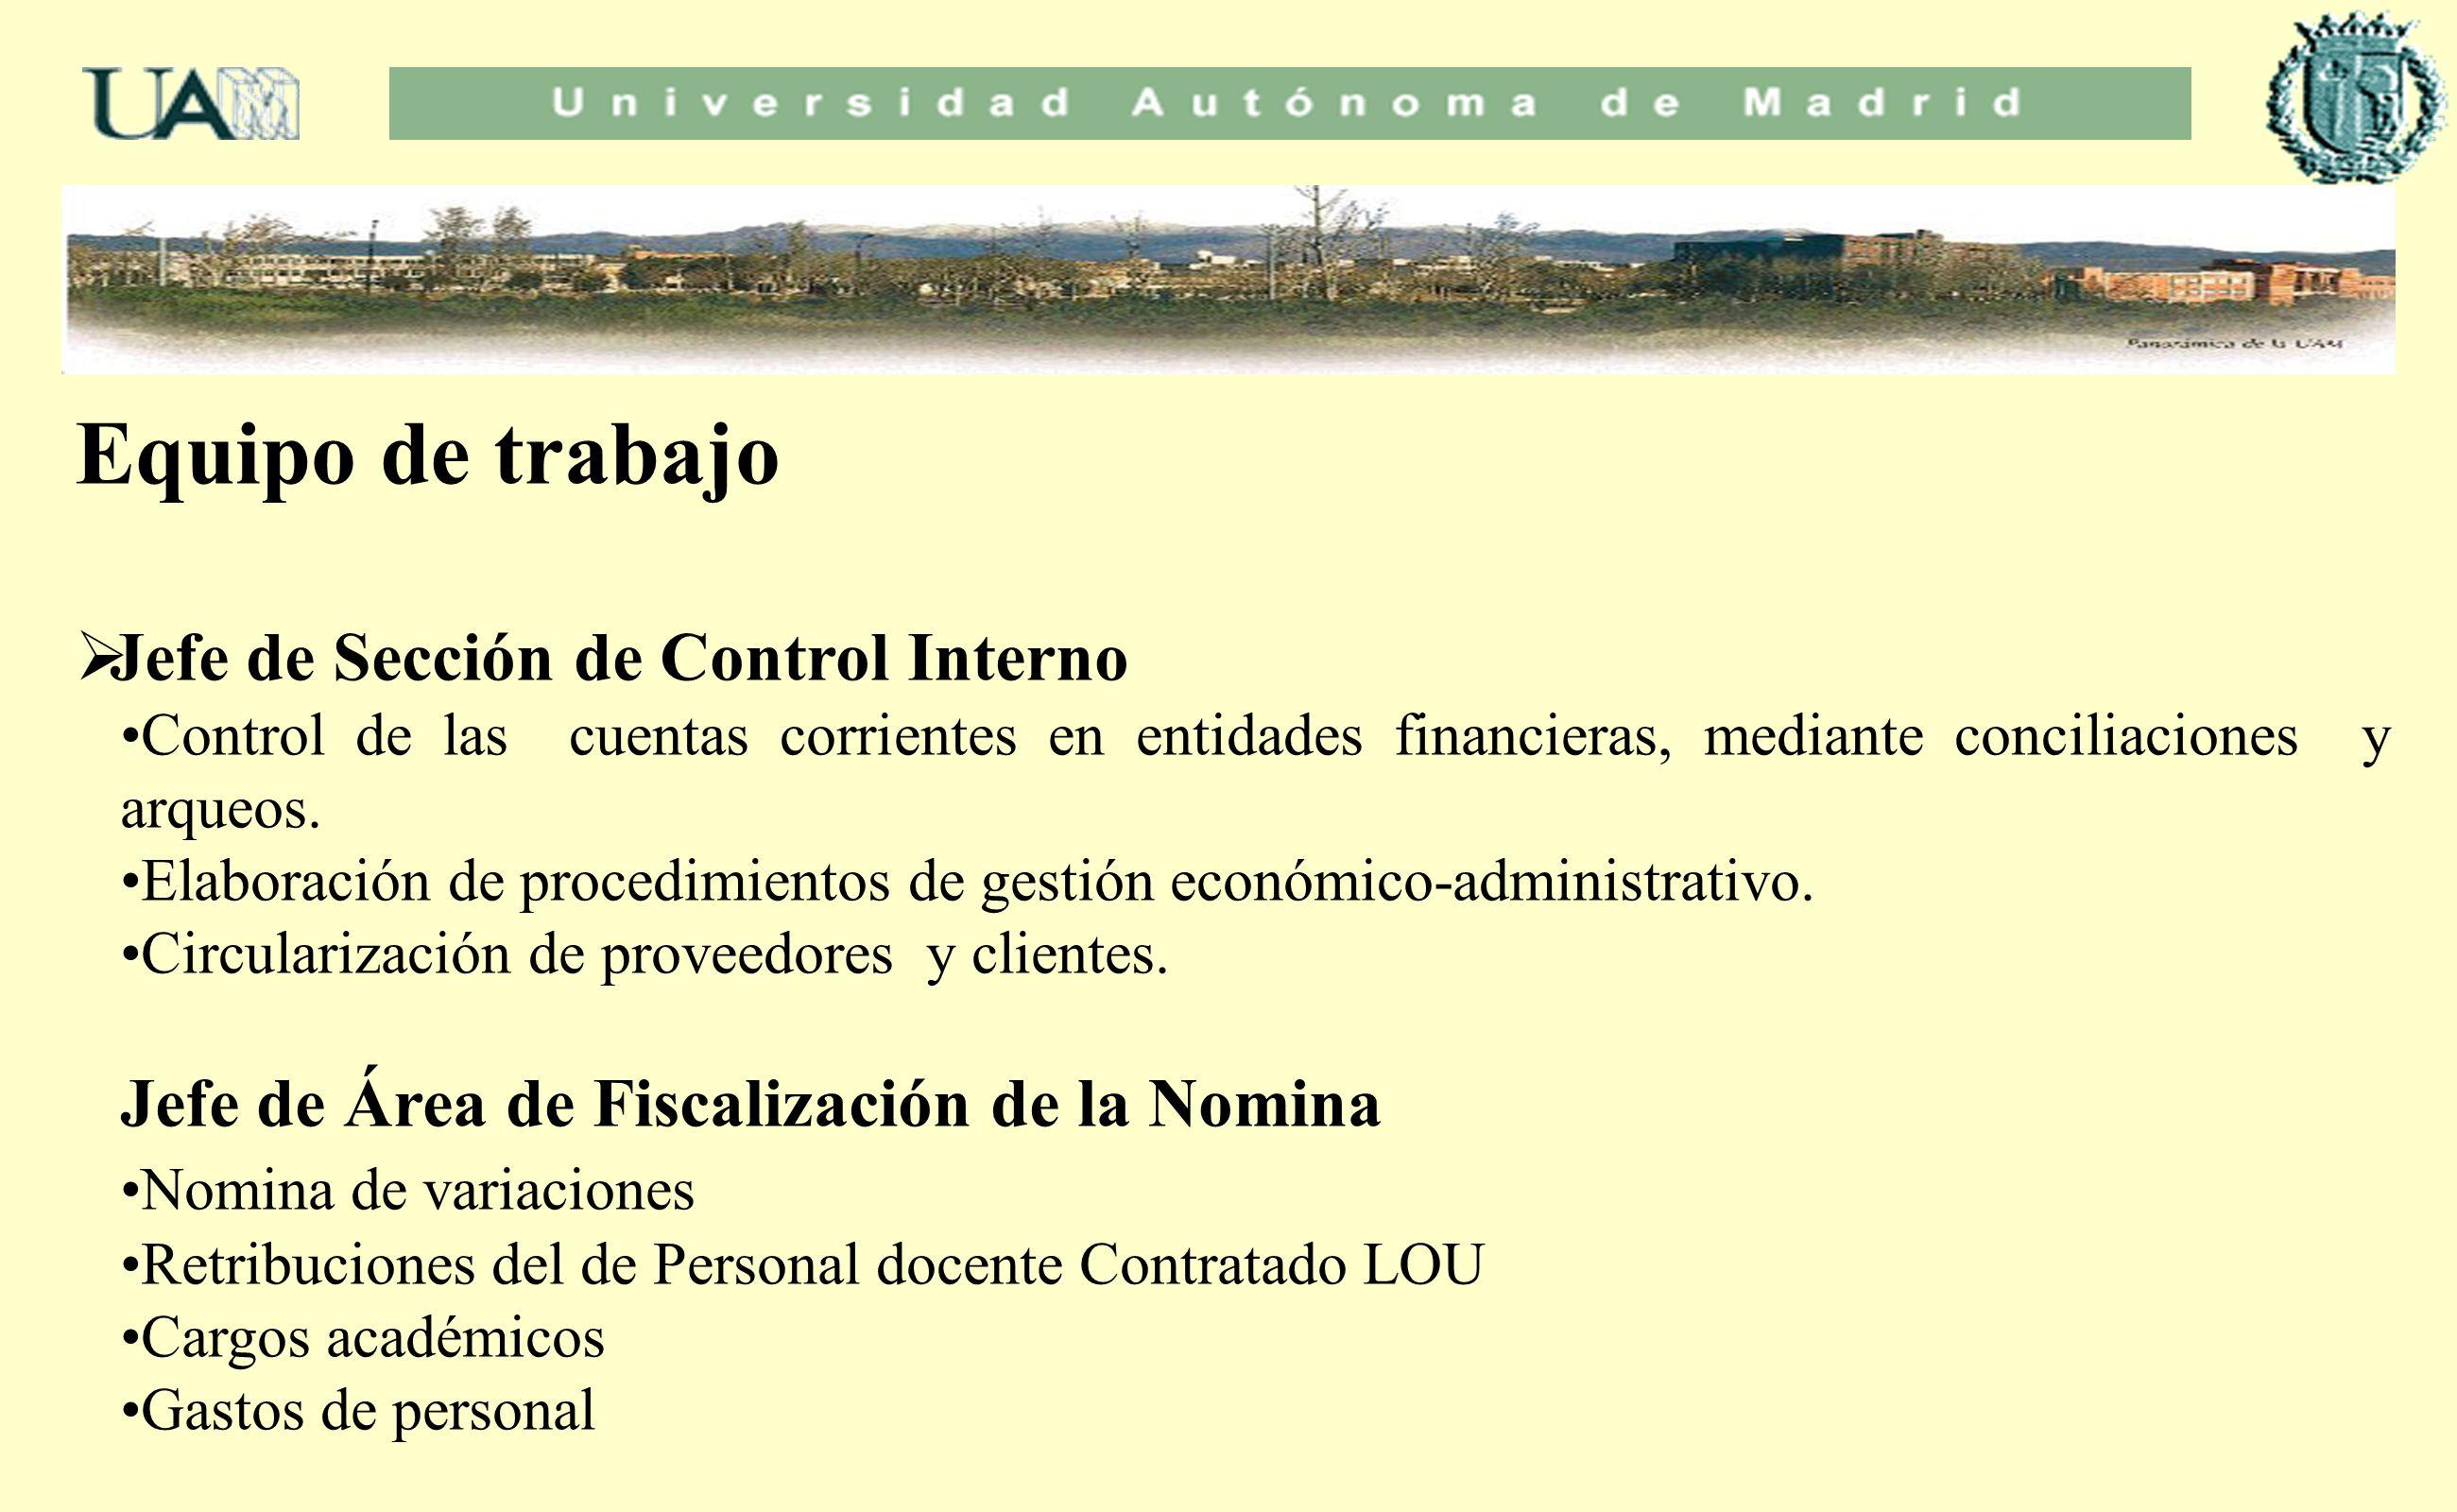 Equipo de trabajo Jefe de Sección de Control Interno Control de las cuentas corrientes en entidades financieras, mediante conciliaciones y arqueos. El